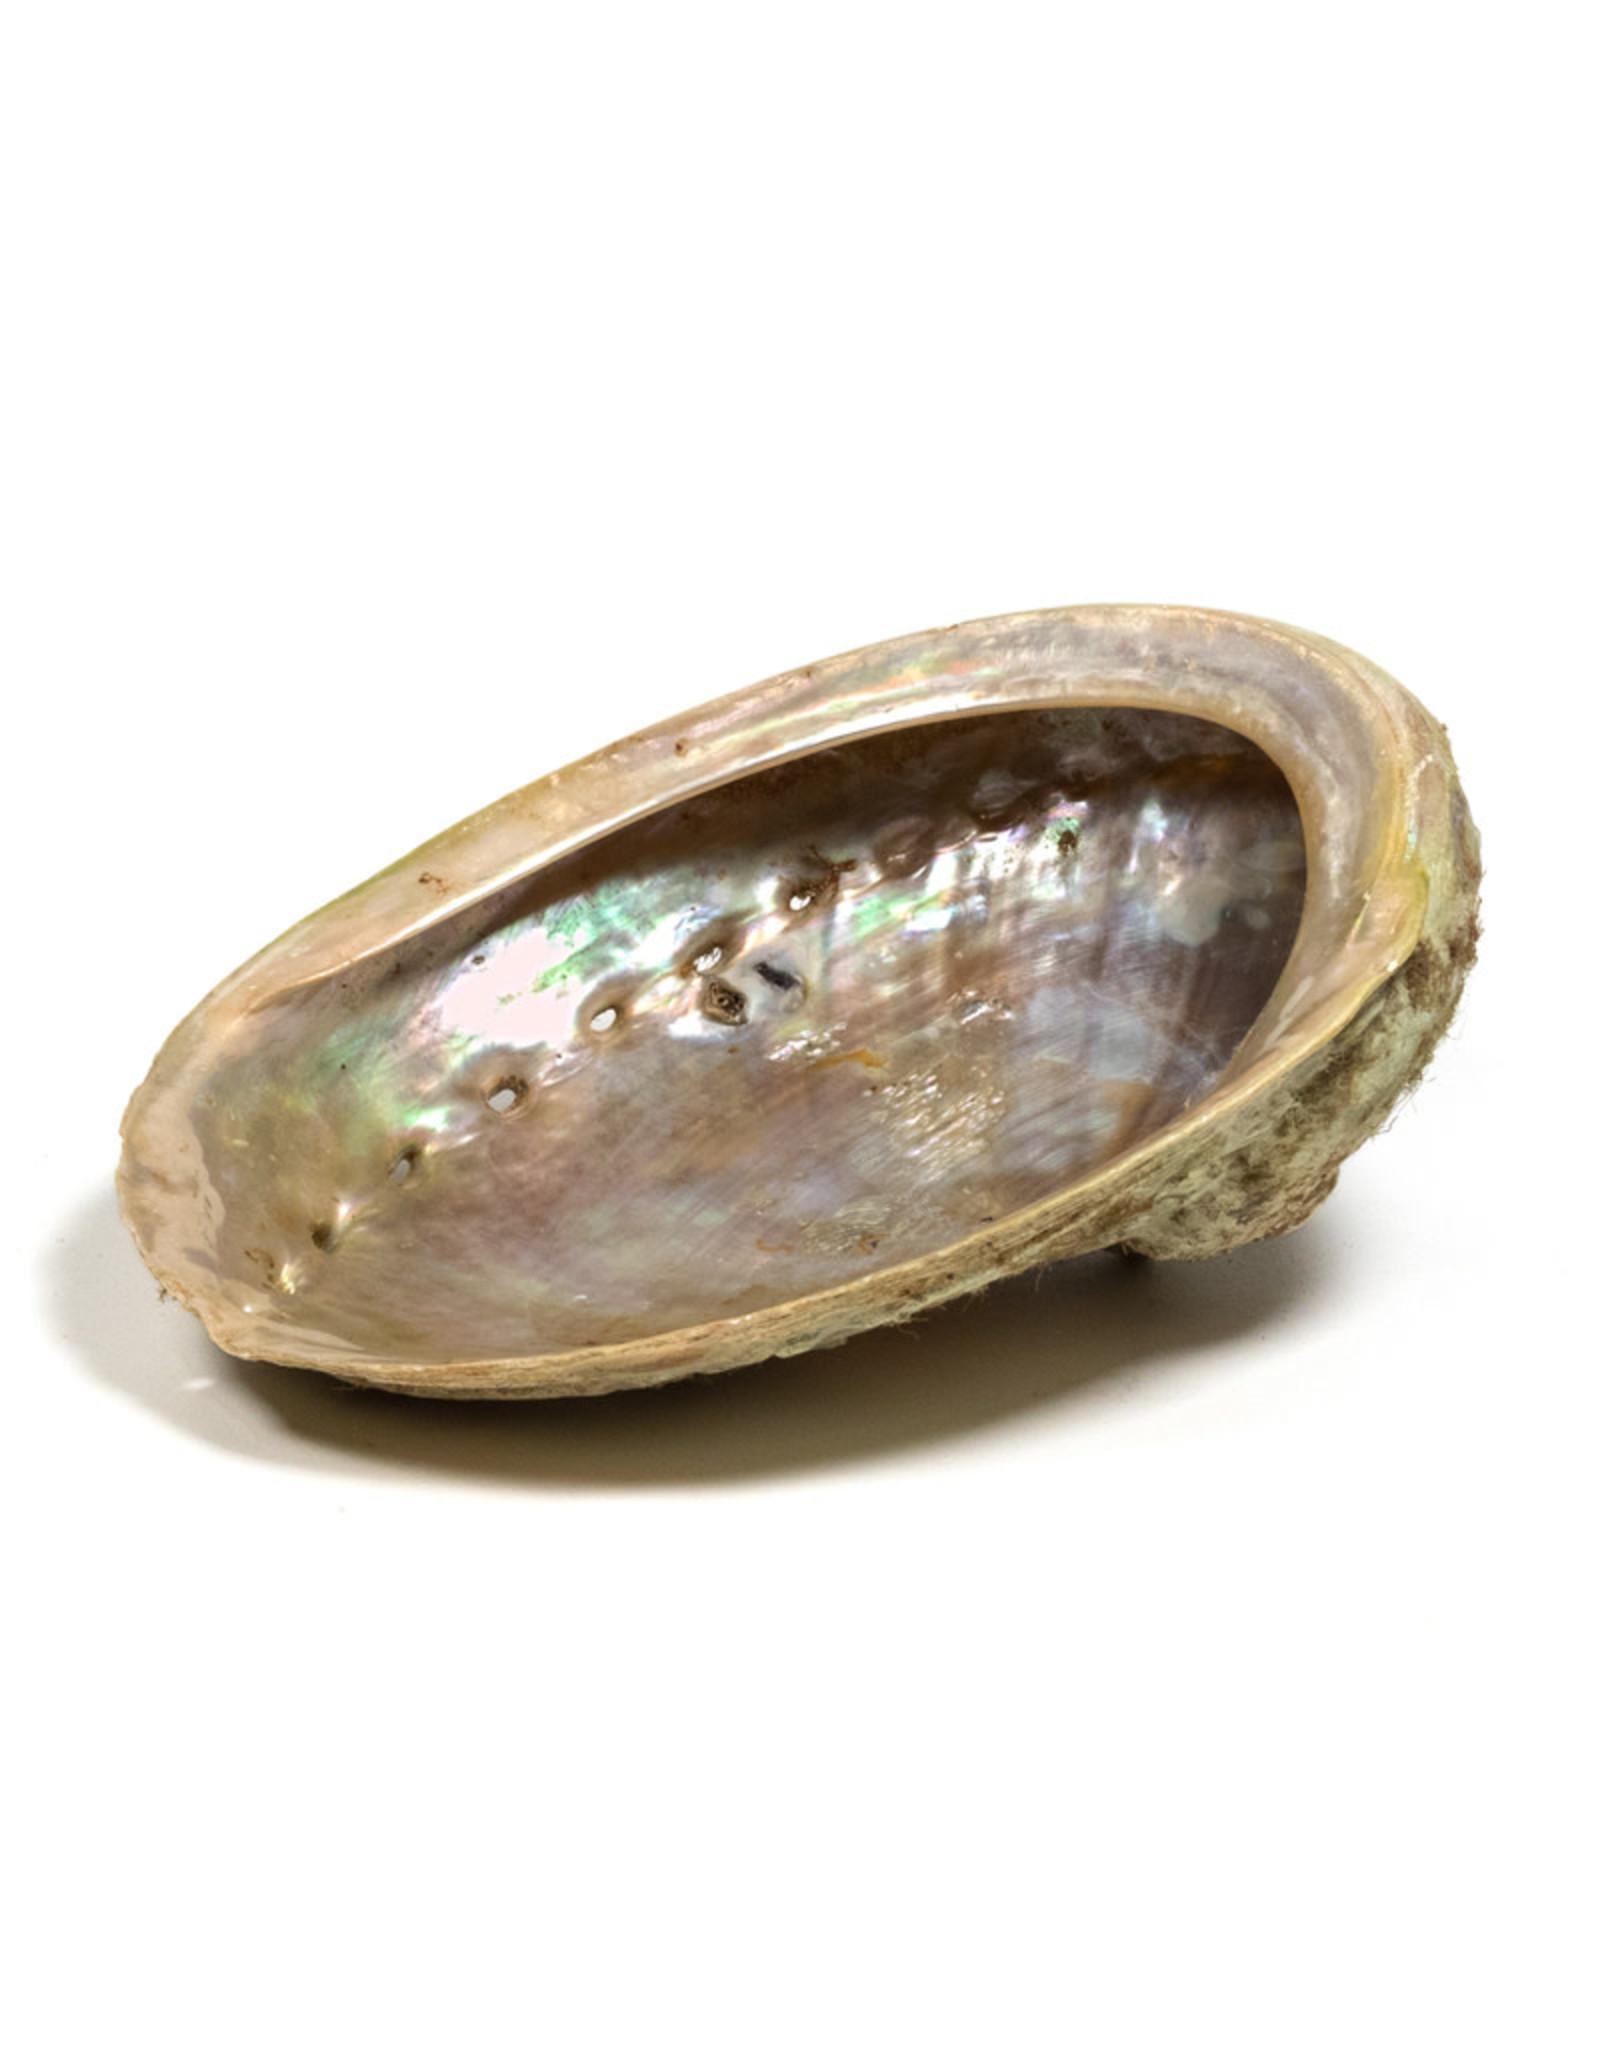 Abalone Haliotis Smudge Schelp